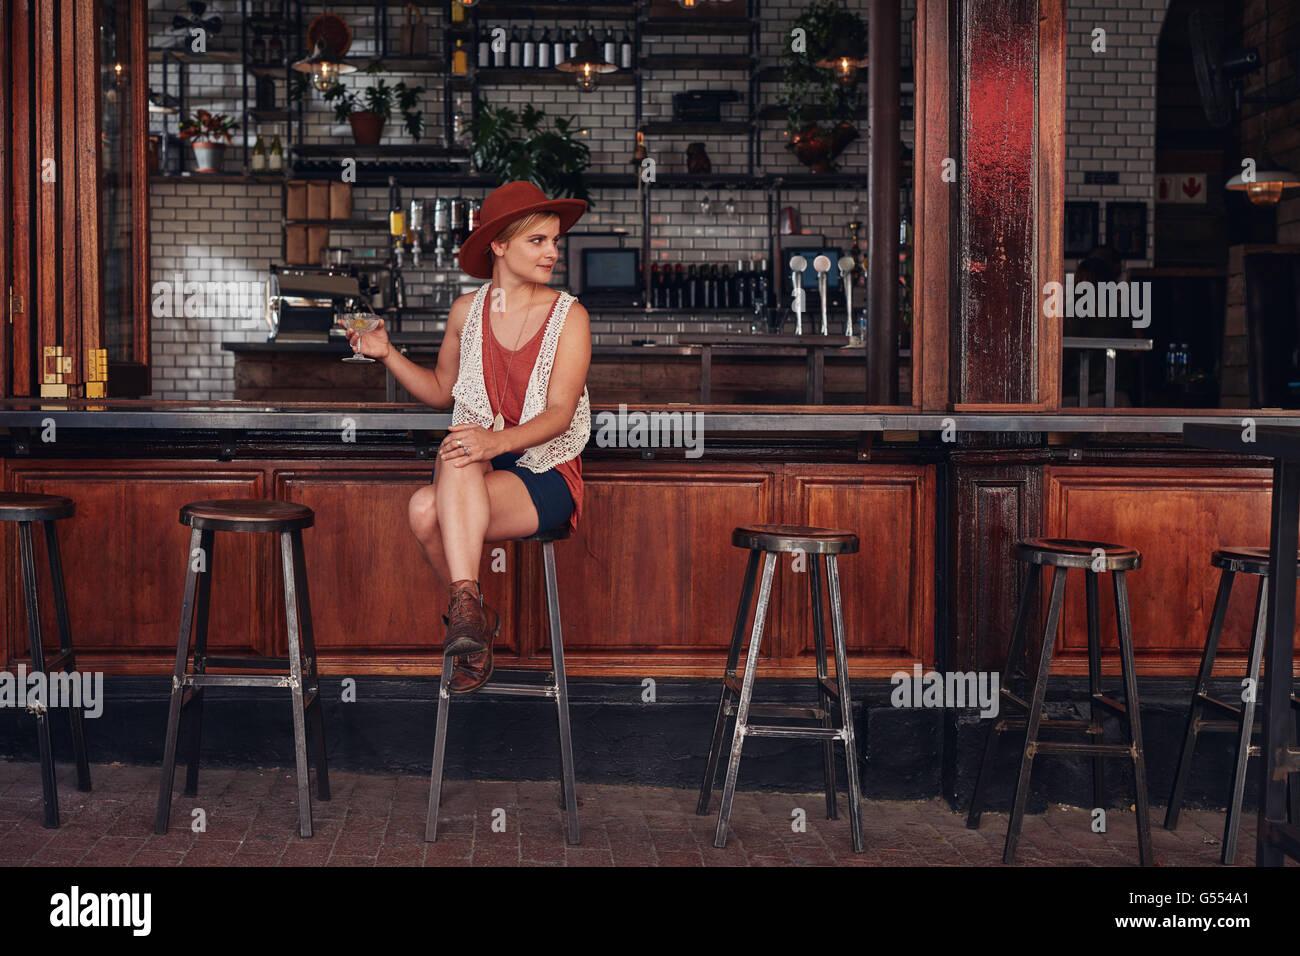 Porträt der stilvolle junge Frau sitzt in einem Café mit Getränken und wegsehen. Schönen kaukasischen Stockbild